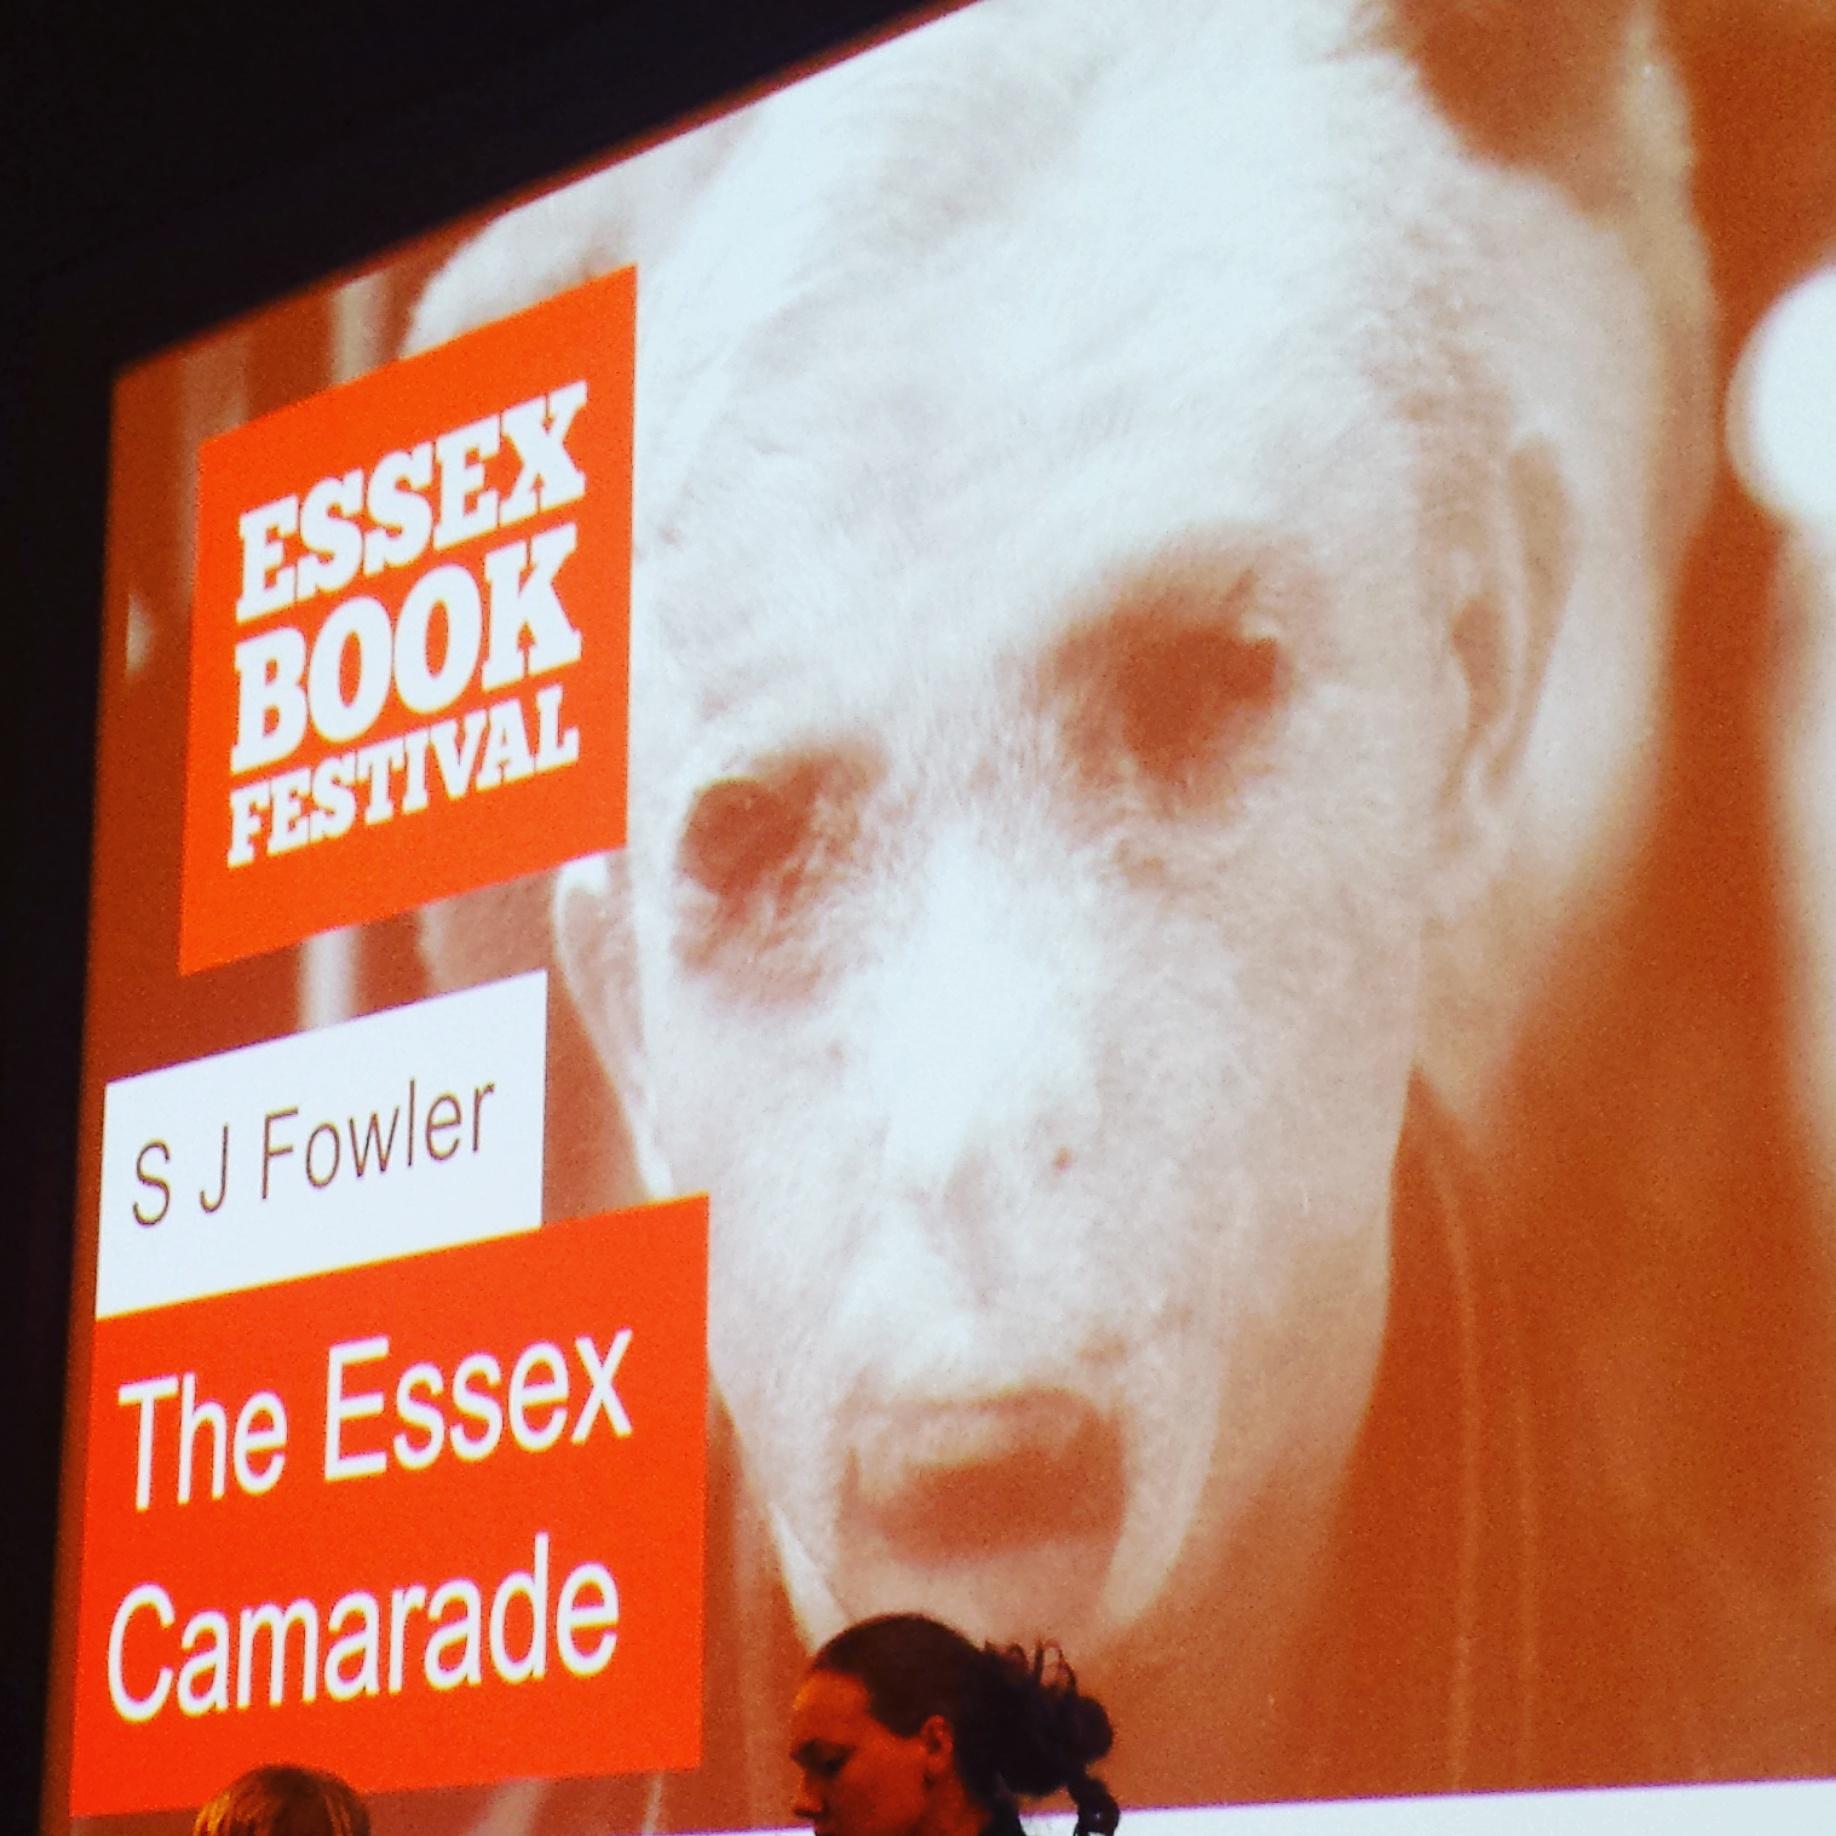 The Essex Book Festival Camarade